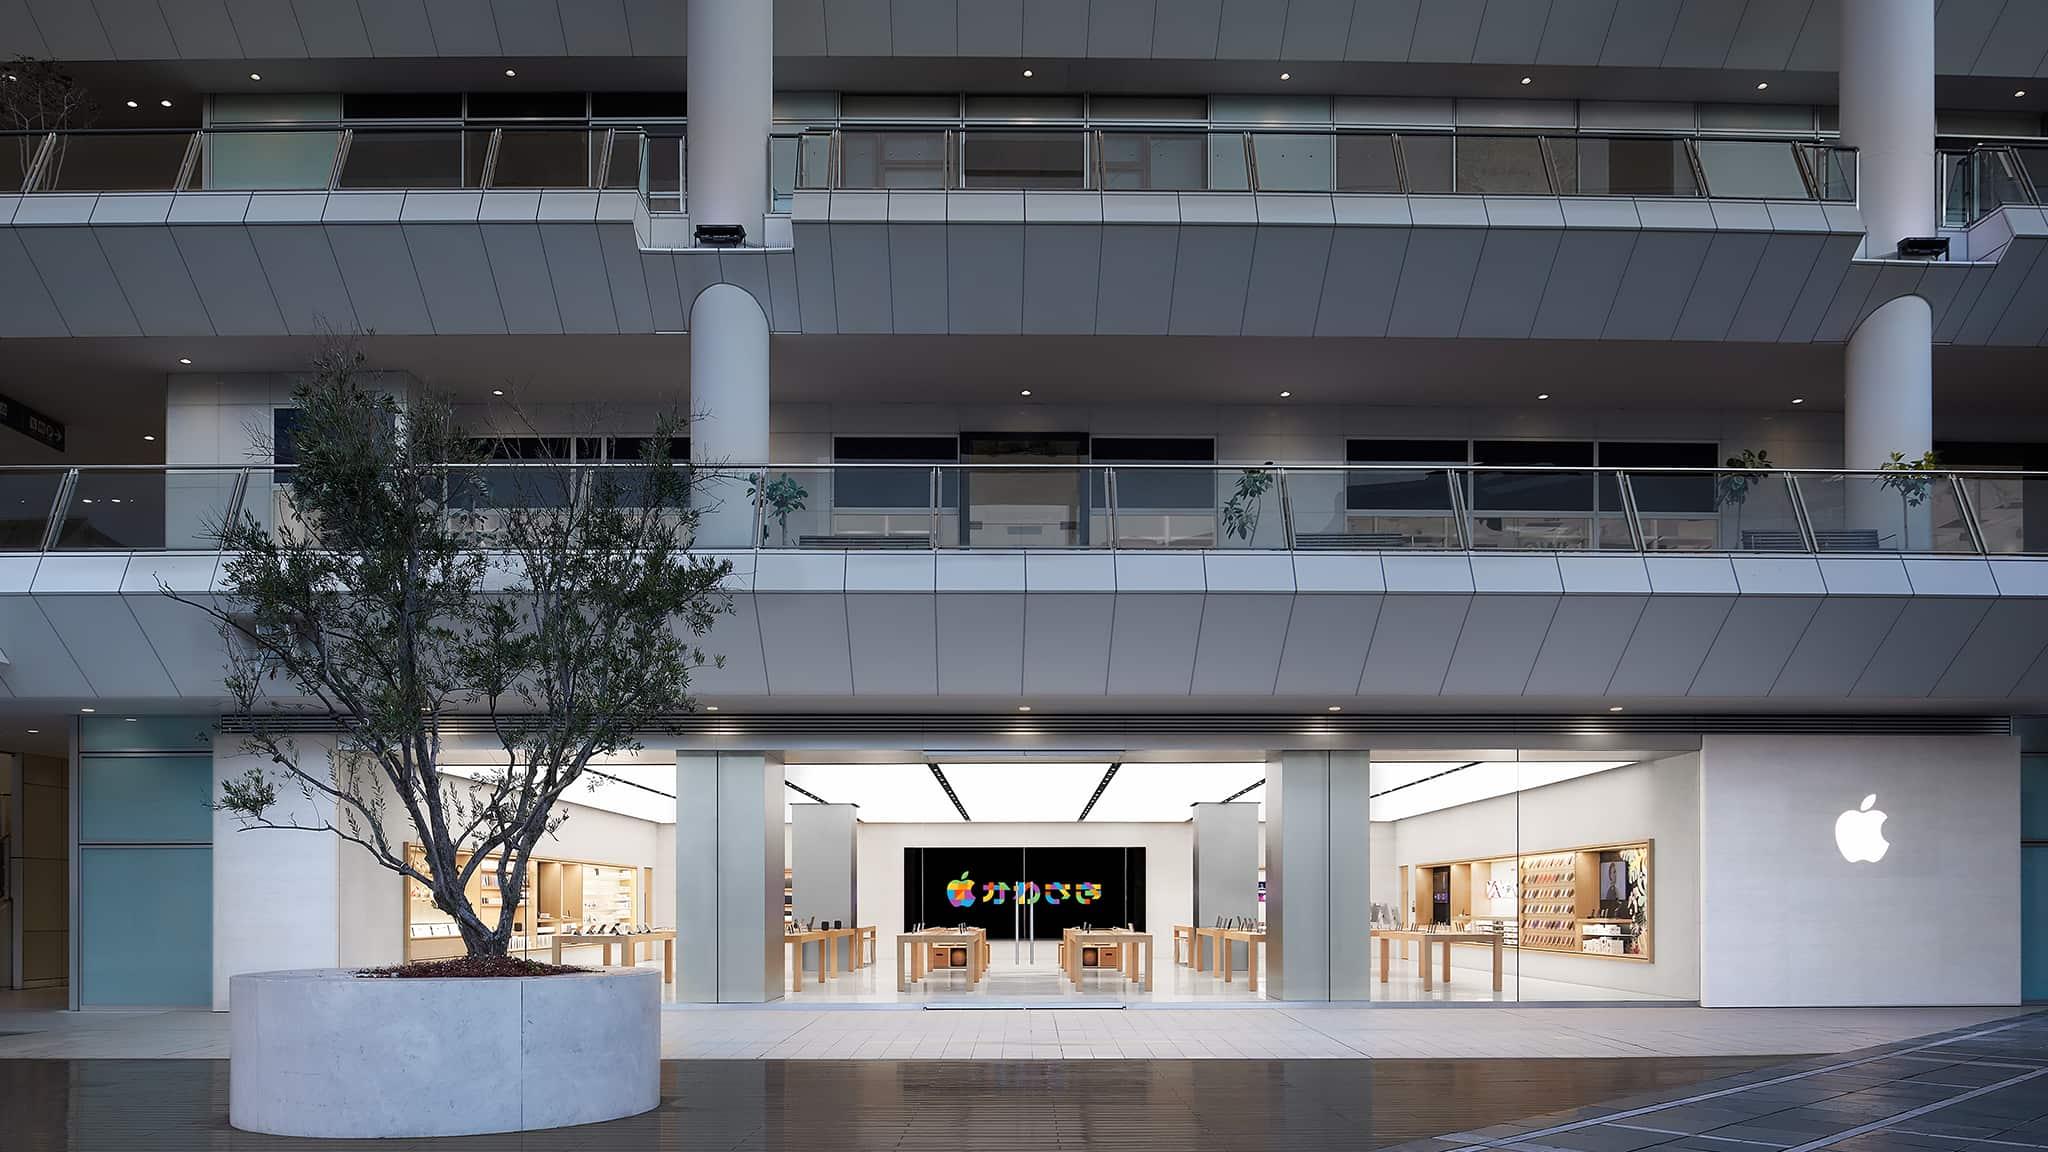 アップルストア : おè¿'くのapple Store Apple Storeã''探す Apple 日本